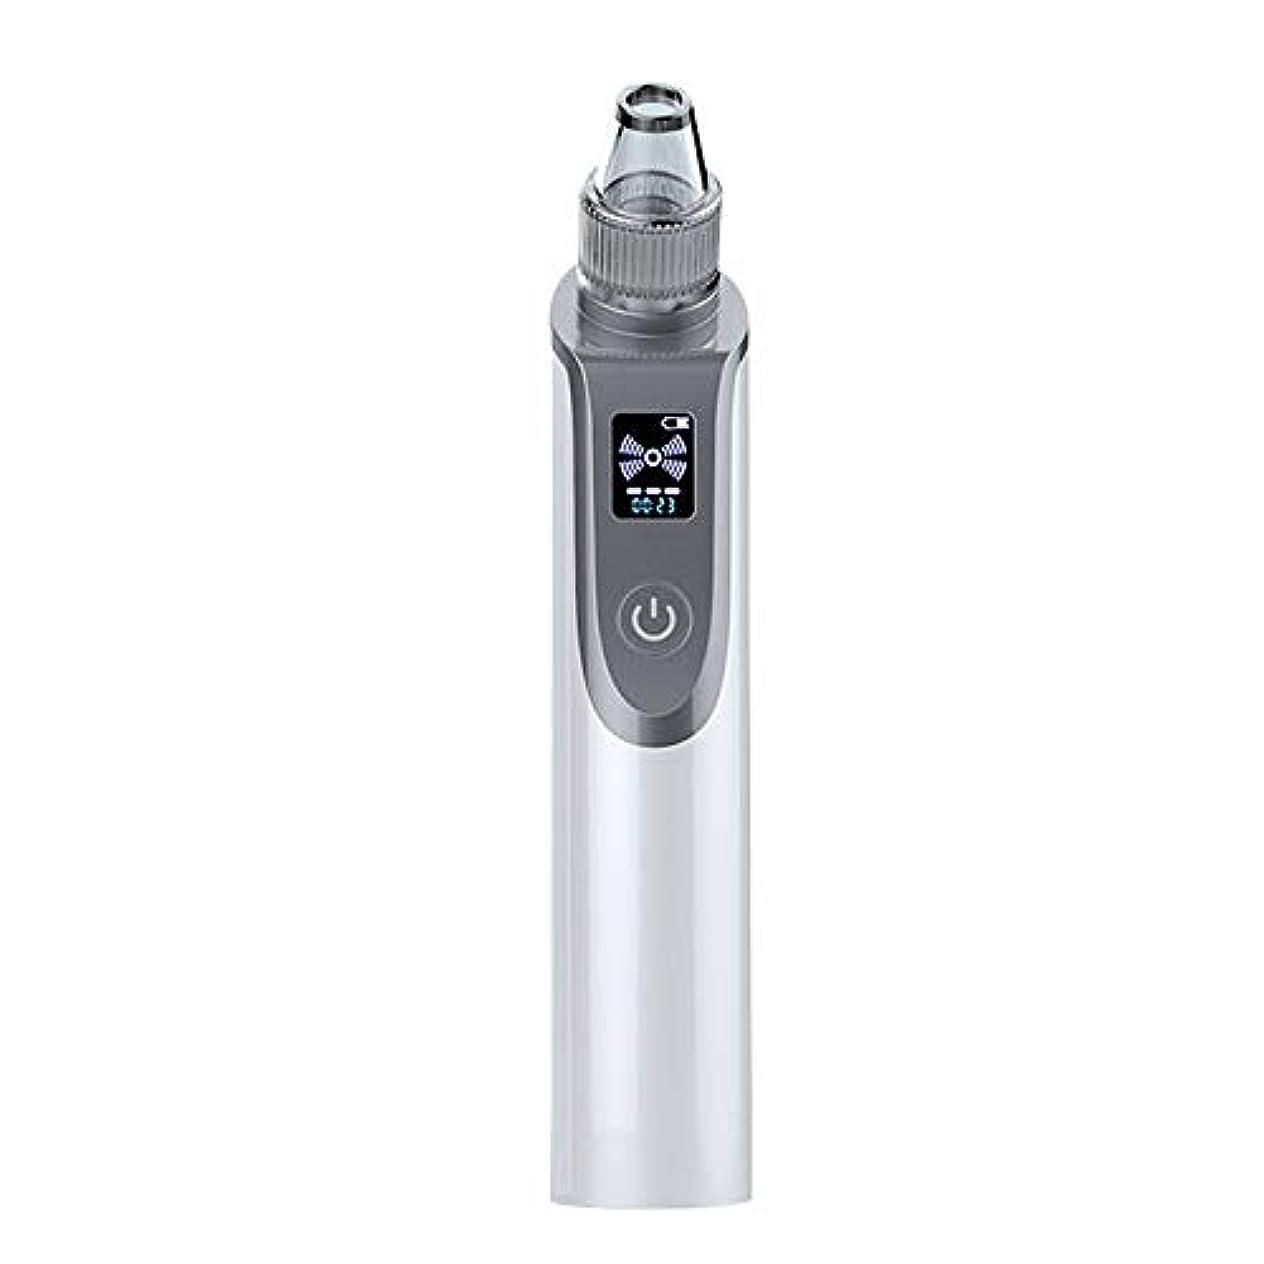 無線容器無意味にきび除去剤、にきび - にきび楽器 - 超音波美容器具 - 毛穴クリーナー